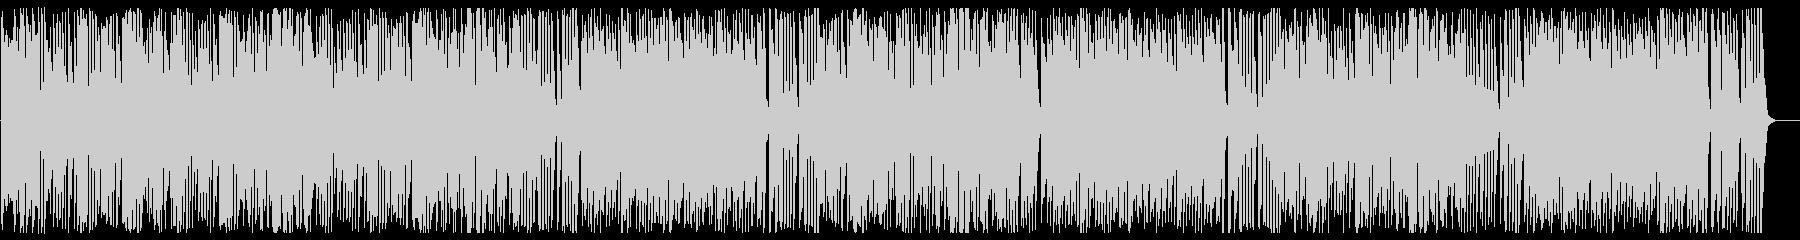 ほのぼのする可愛らしいBGMの未再生の波形